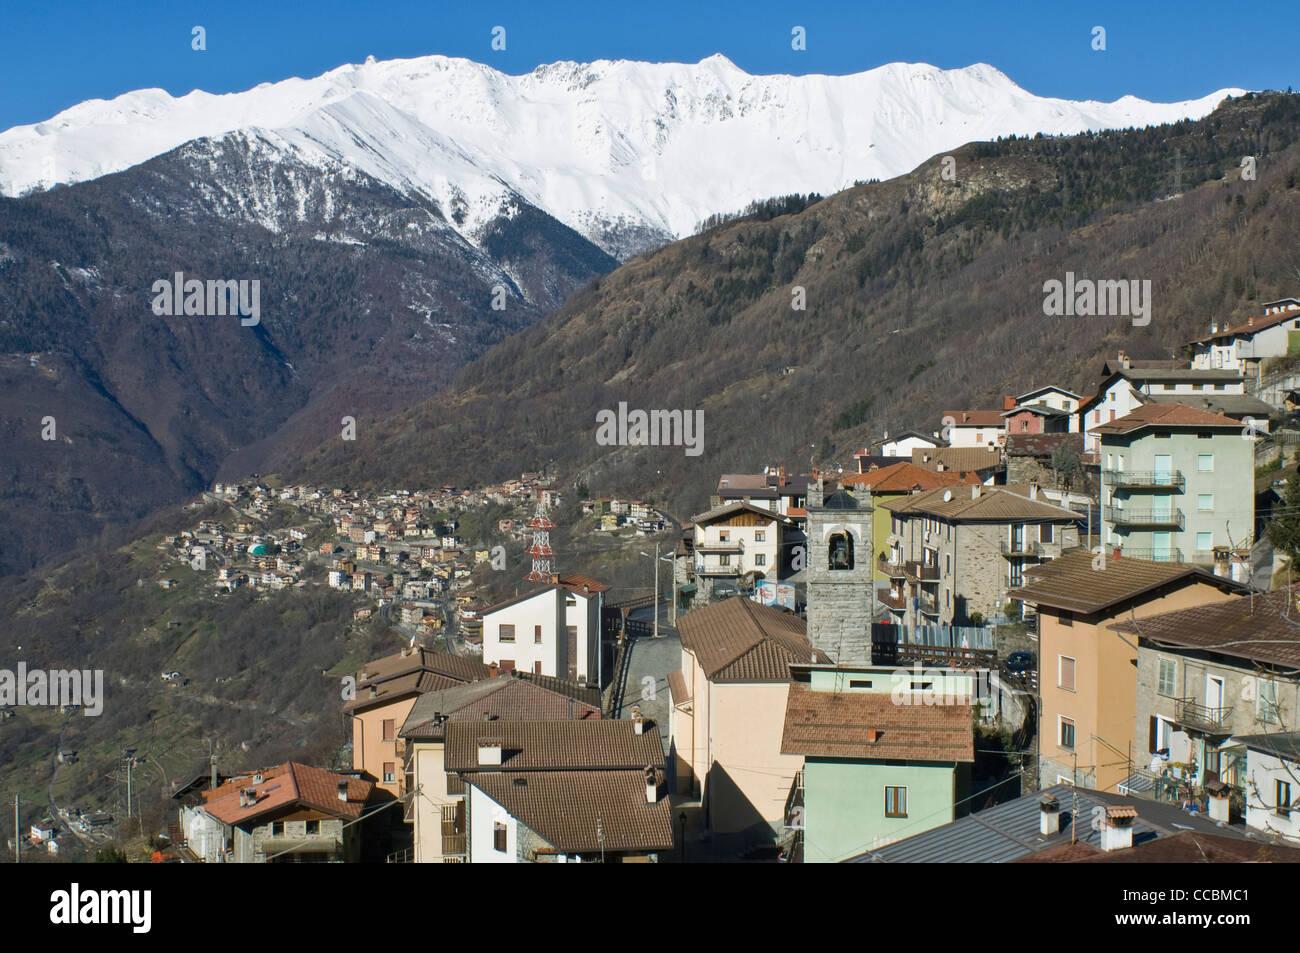 Monte village, berzo demo, Italia Imagen De Stock